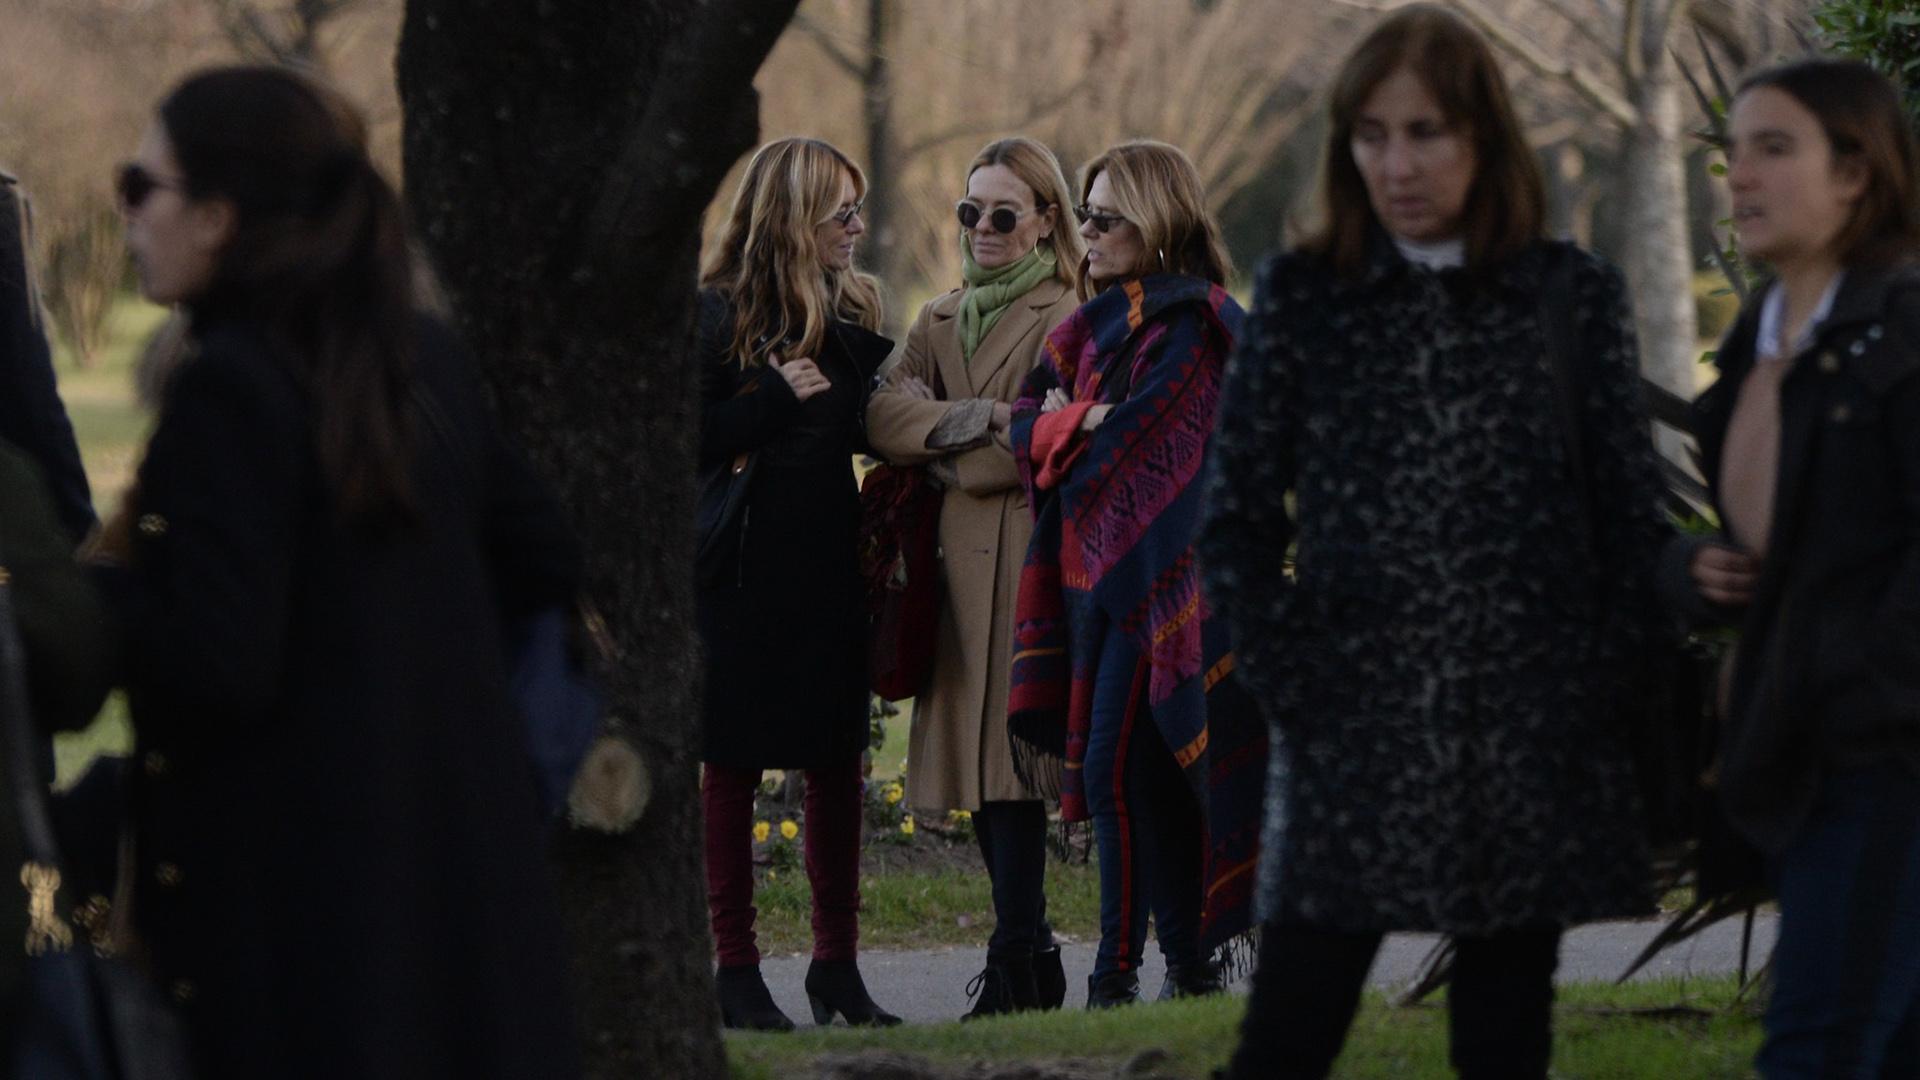 Las Trillizas de Oro se mostraron unidas durante el entierro de Geñi que se realizó en el Cementerio Parque Memorial de Pilar (Julieta Ferrario)